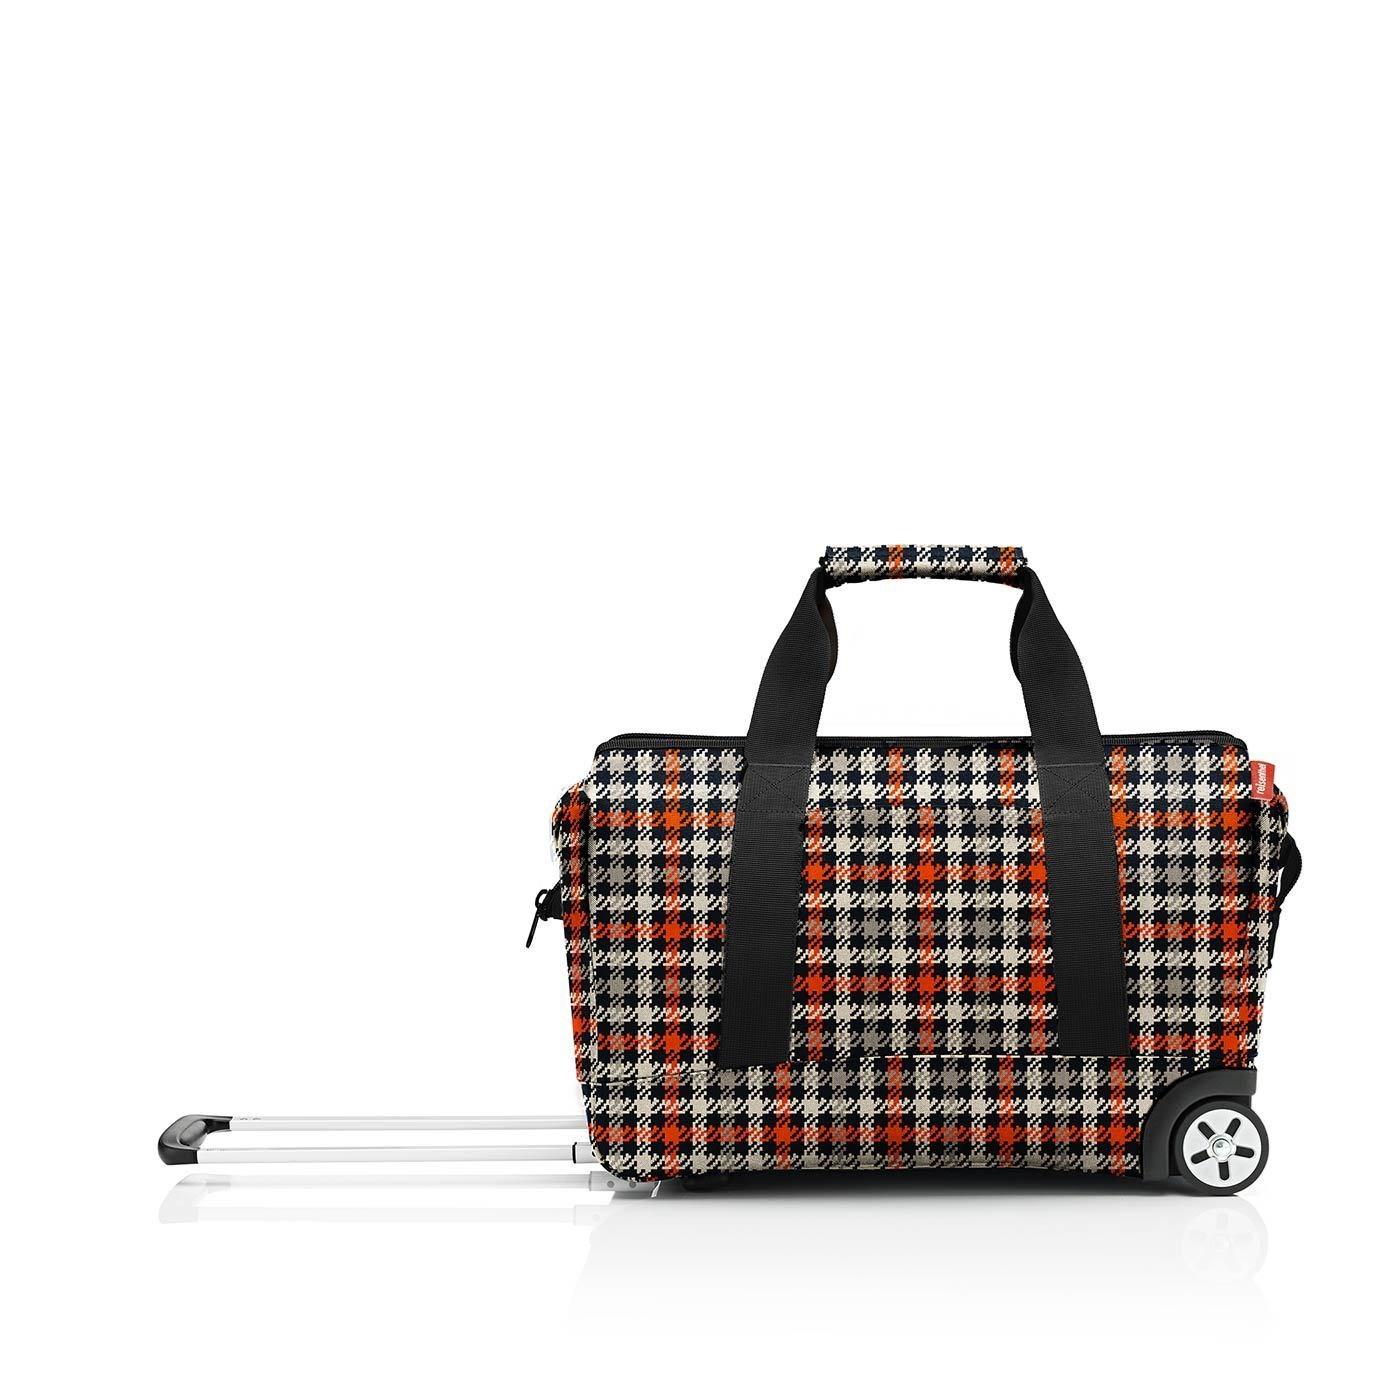 Cestovní taška na kolečkách Allrounder trolley glencheck_0